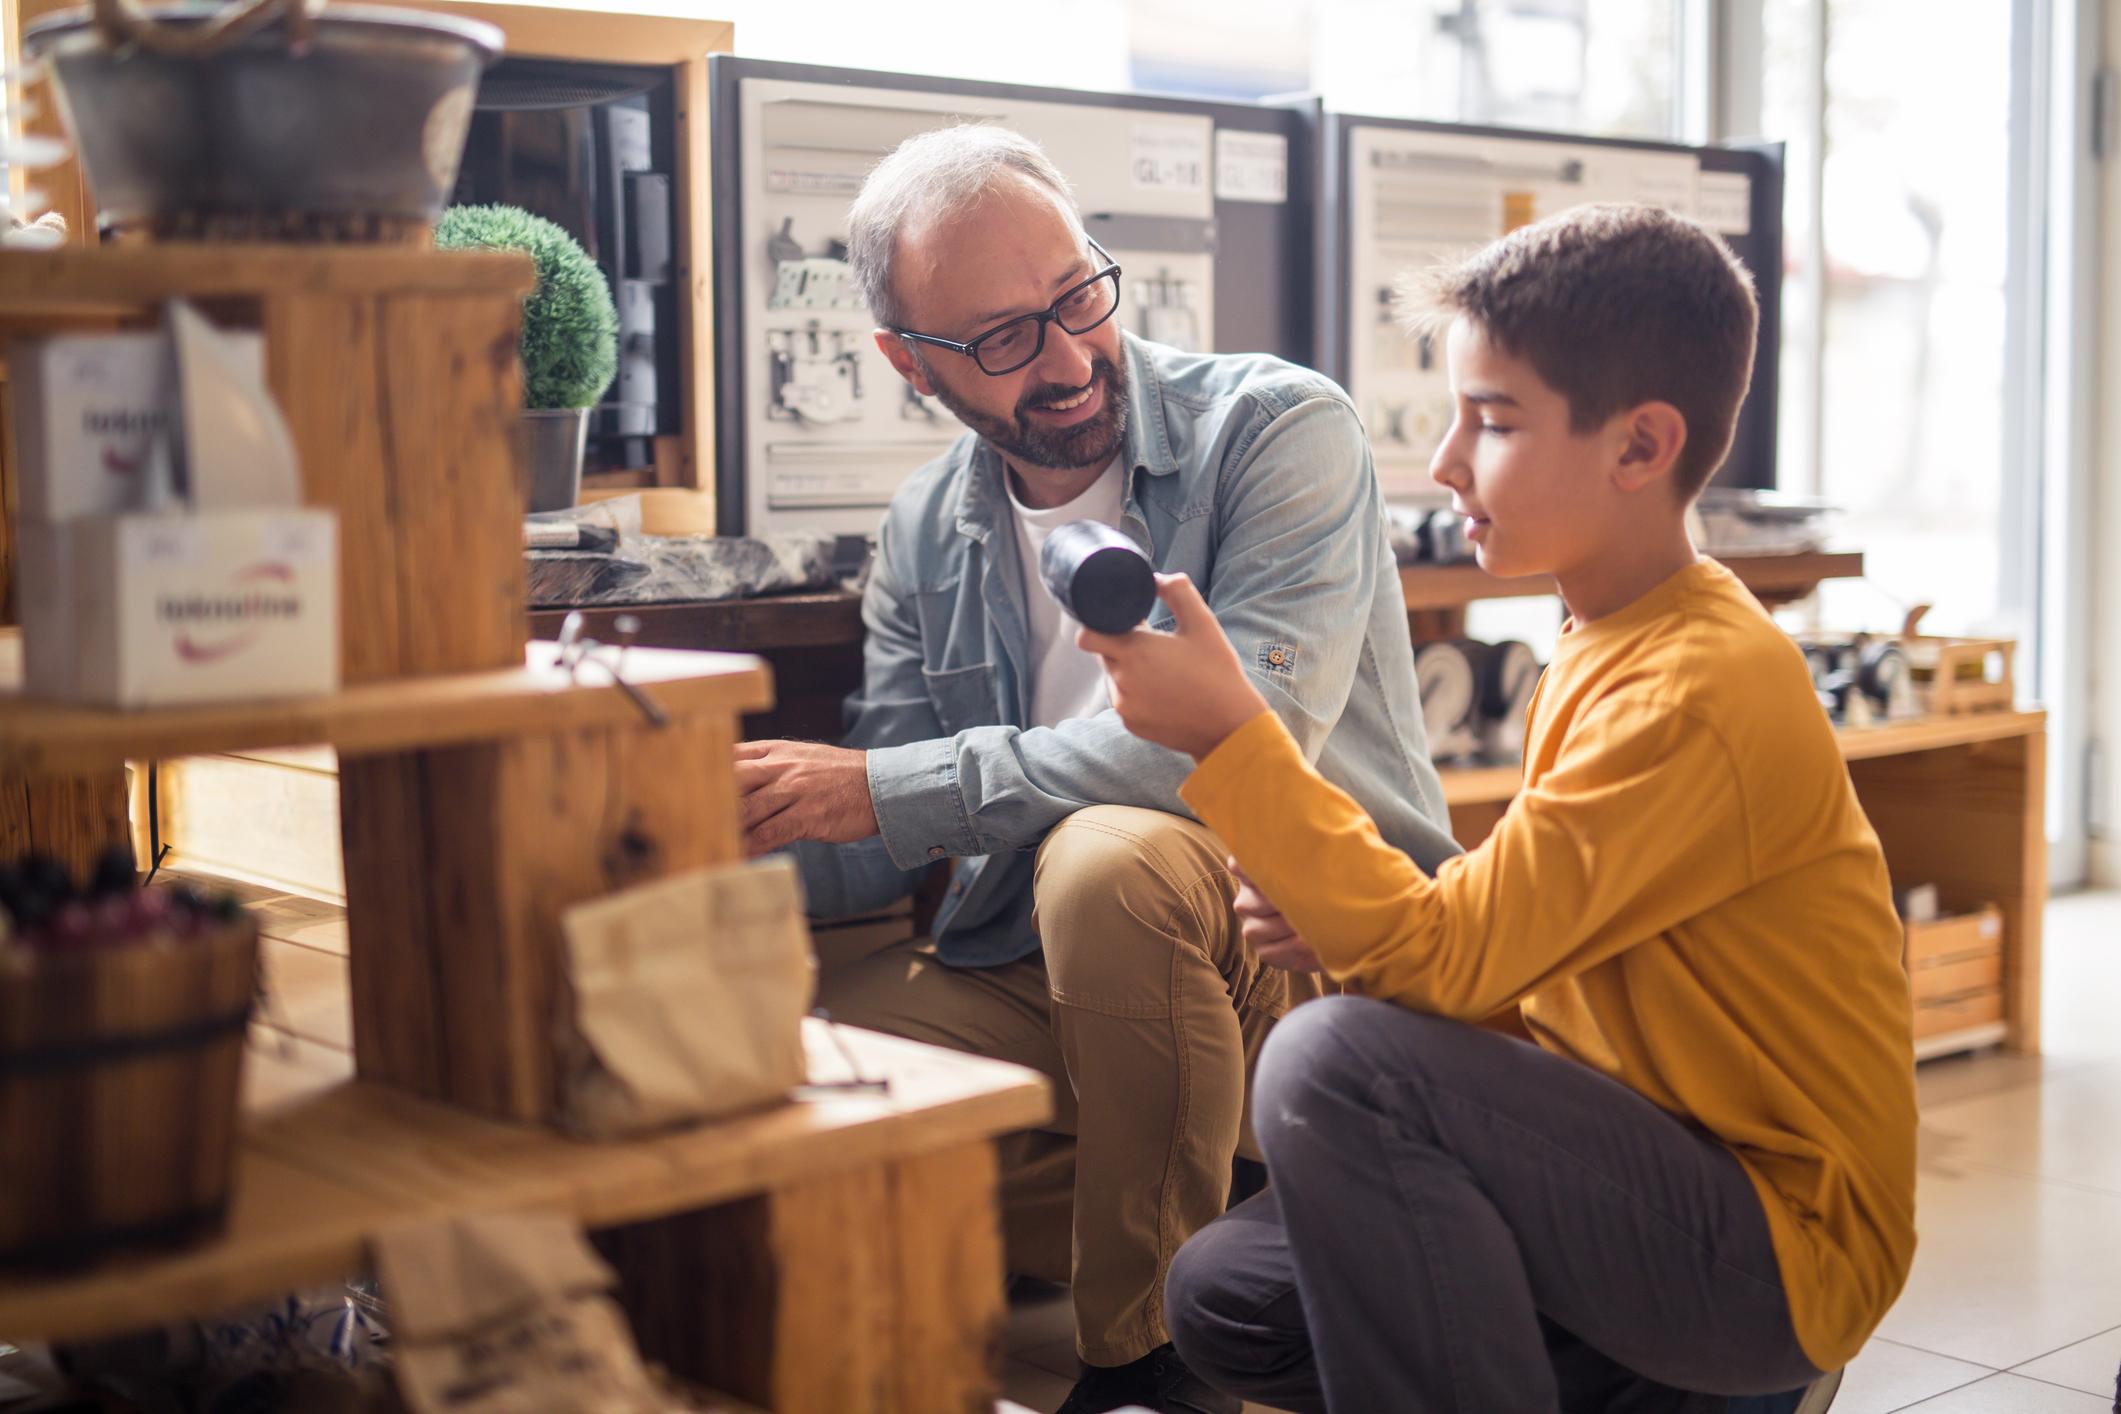 Child entrepreneurship